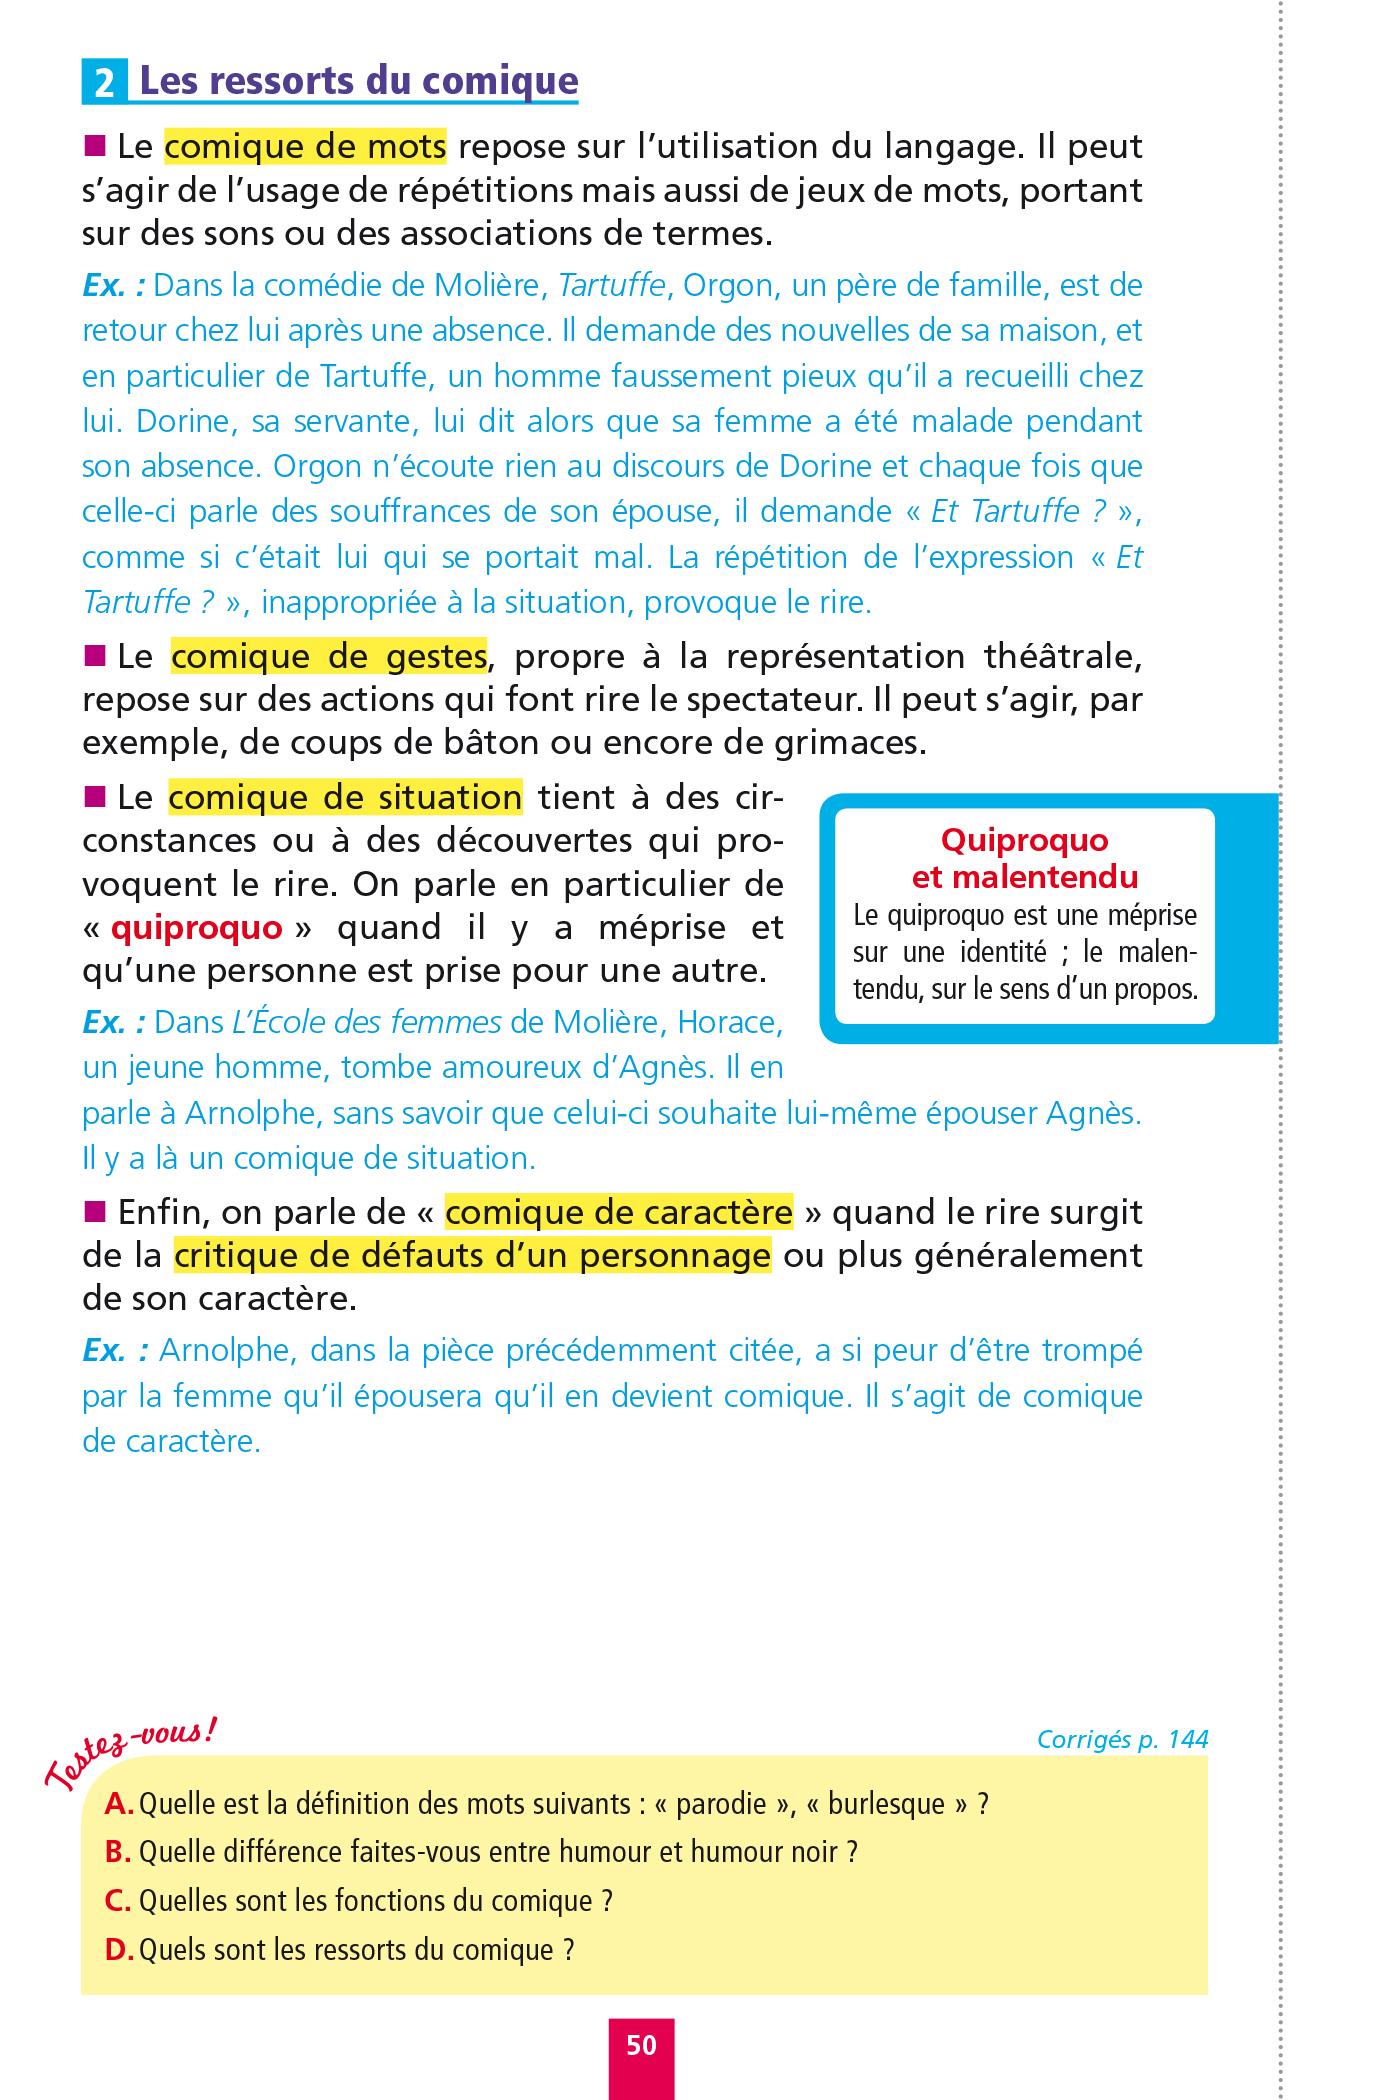 Objectif Bac Fiches détachables Français 2nde | Hachette ...